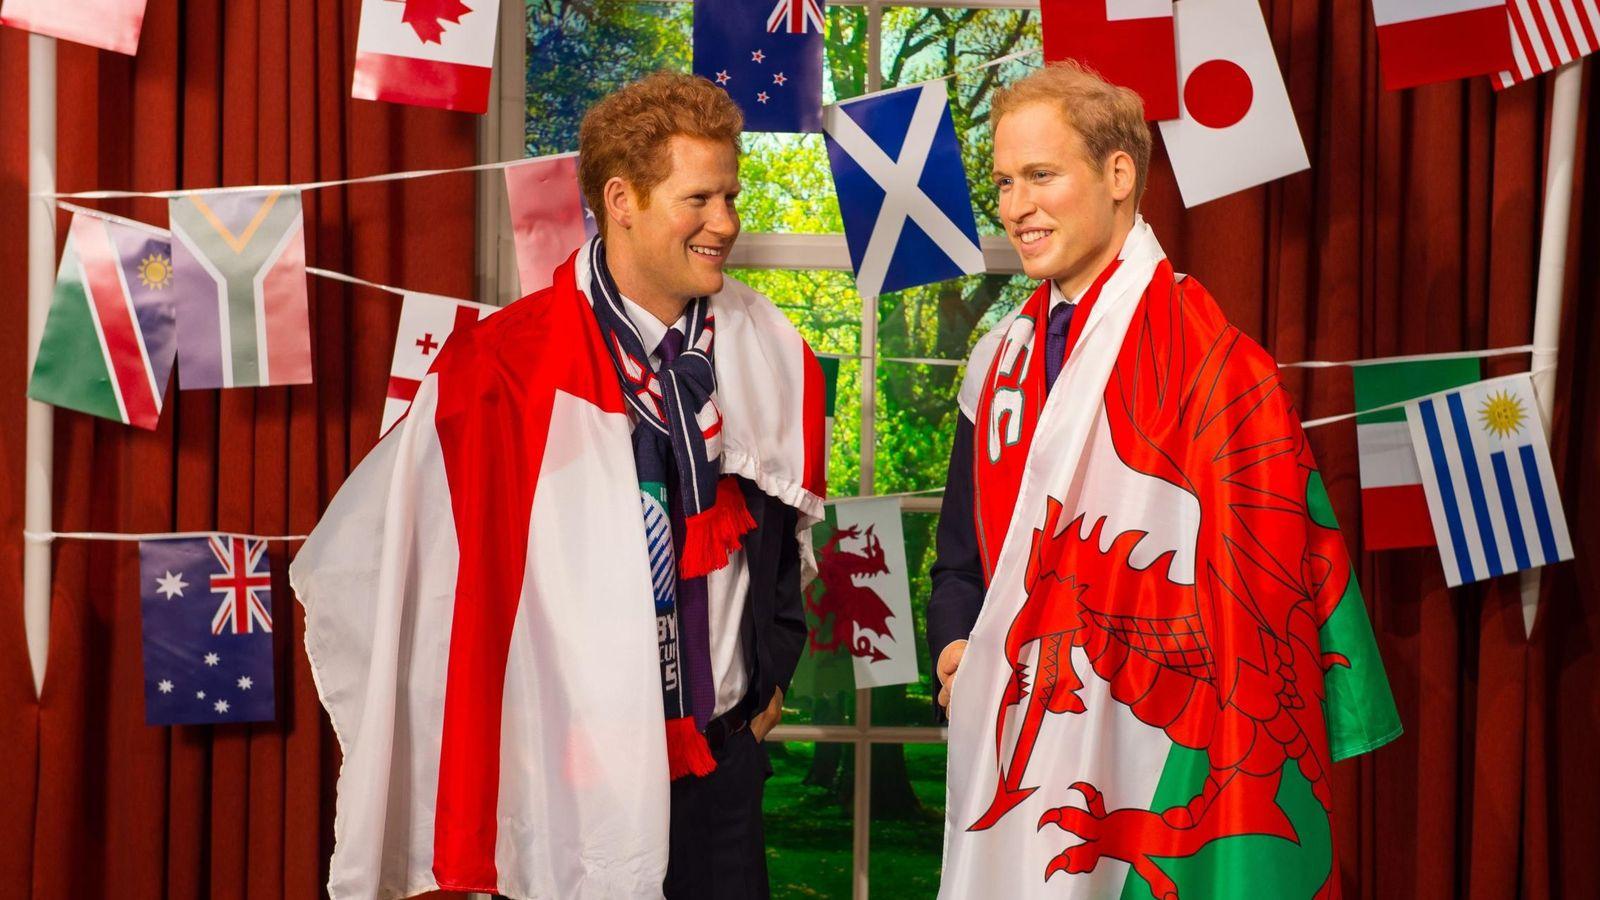 Foto: Las figuras de cera de los príncipes británicos con sus respectivas banderas (Cordon Press).